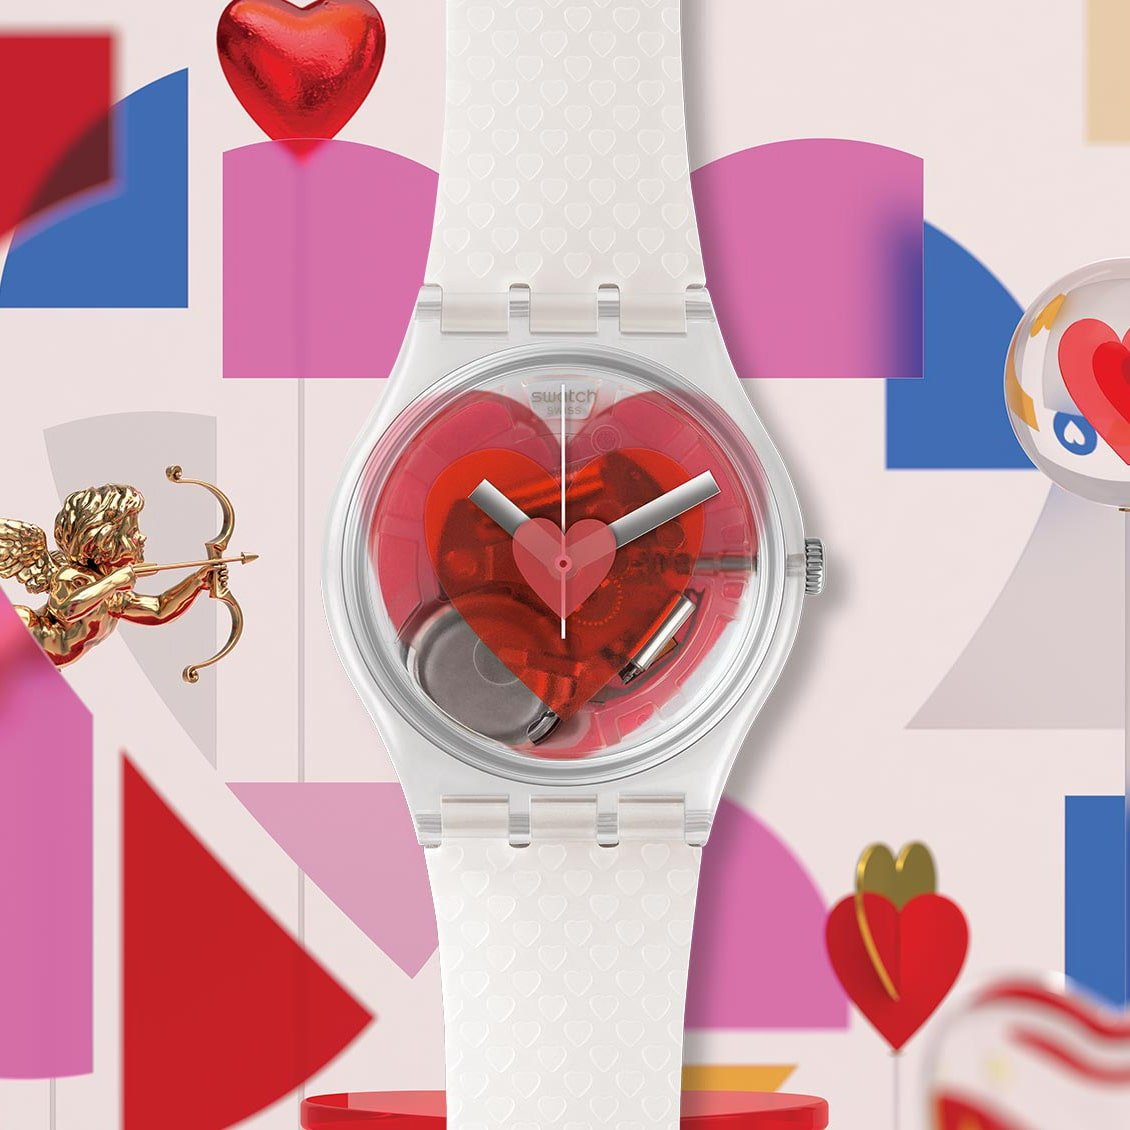 Triple Love czyli walentynkowa propozycja od marki Swatch